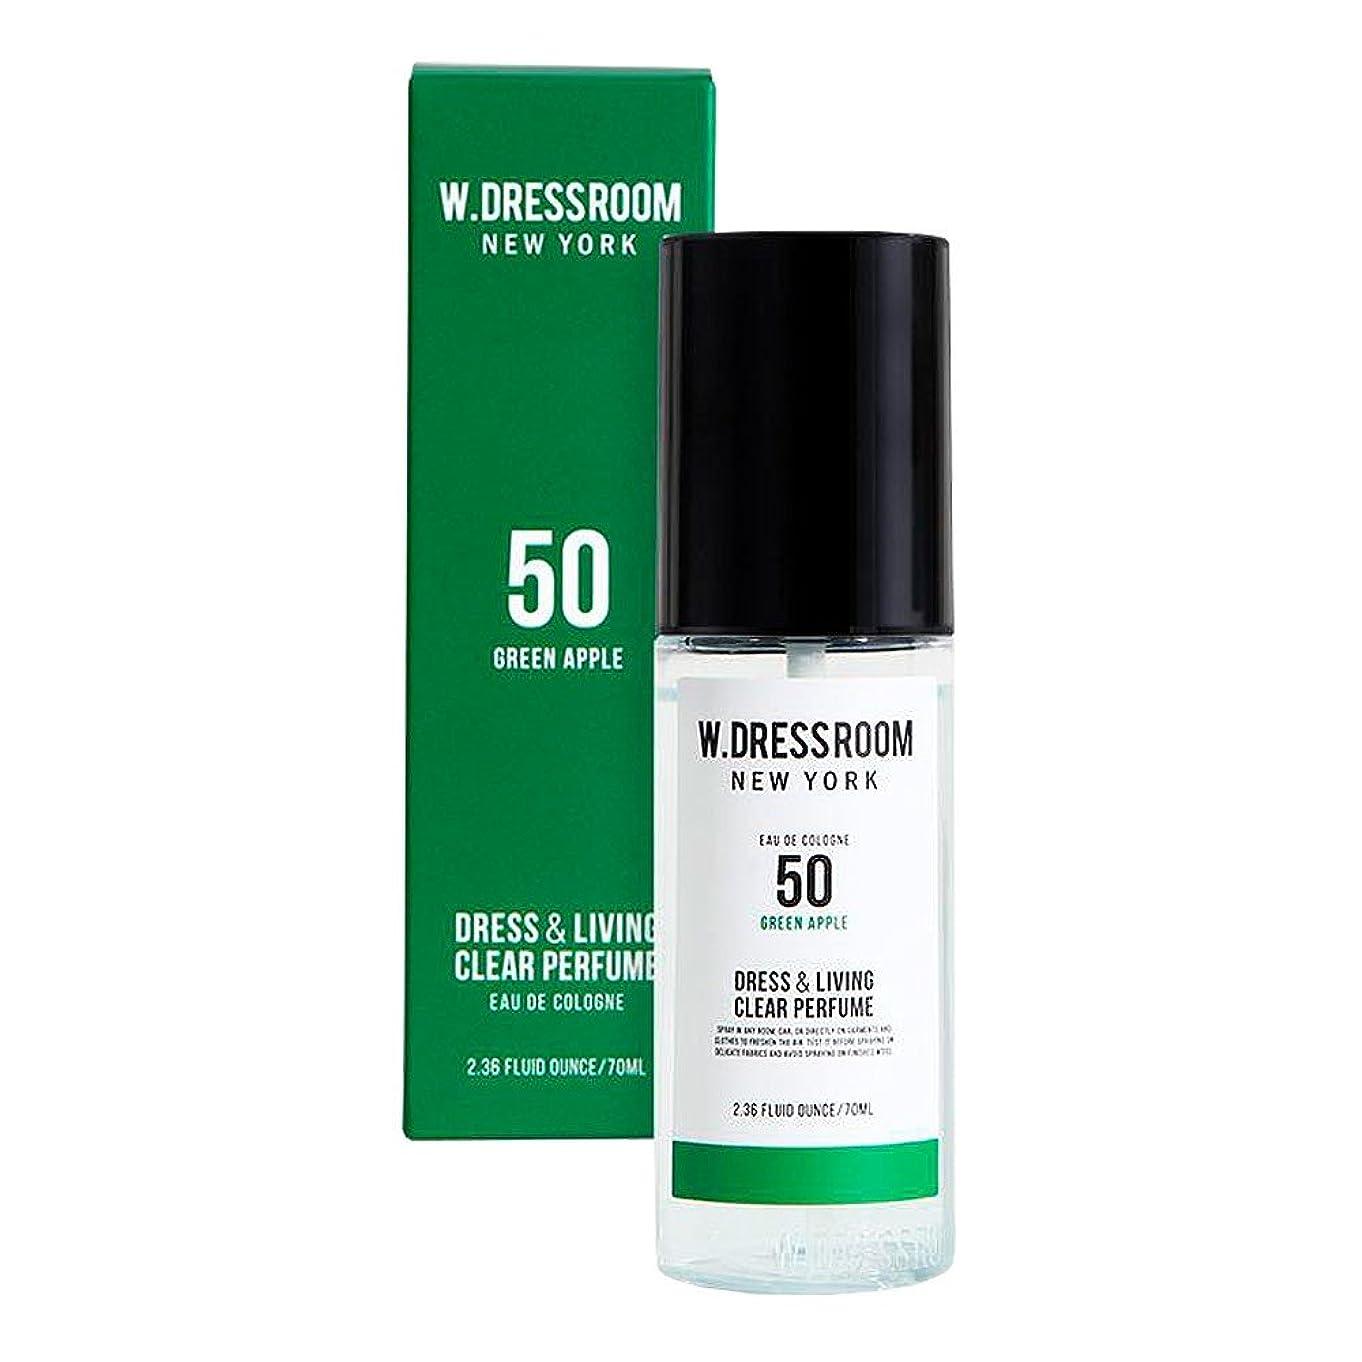 出会いうがい薬文庫本W.DRESSROOM Dress & Living Clear Perfume fragrance 70ml (#No.50 Green Apple)/ダブルドレスルーム ドレス&リビング クリア パフューム 70ml (#No.50 Green Apple)